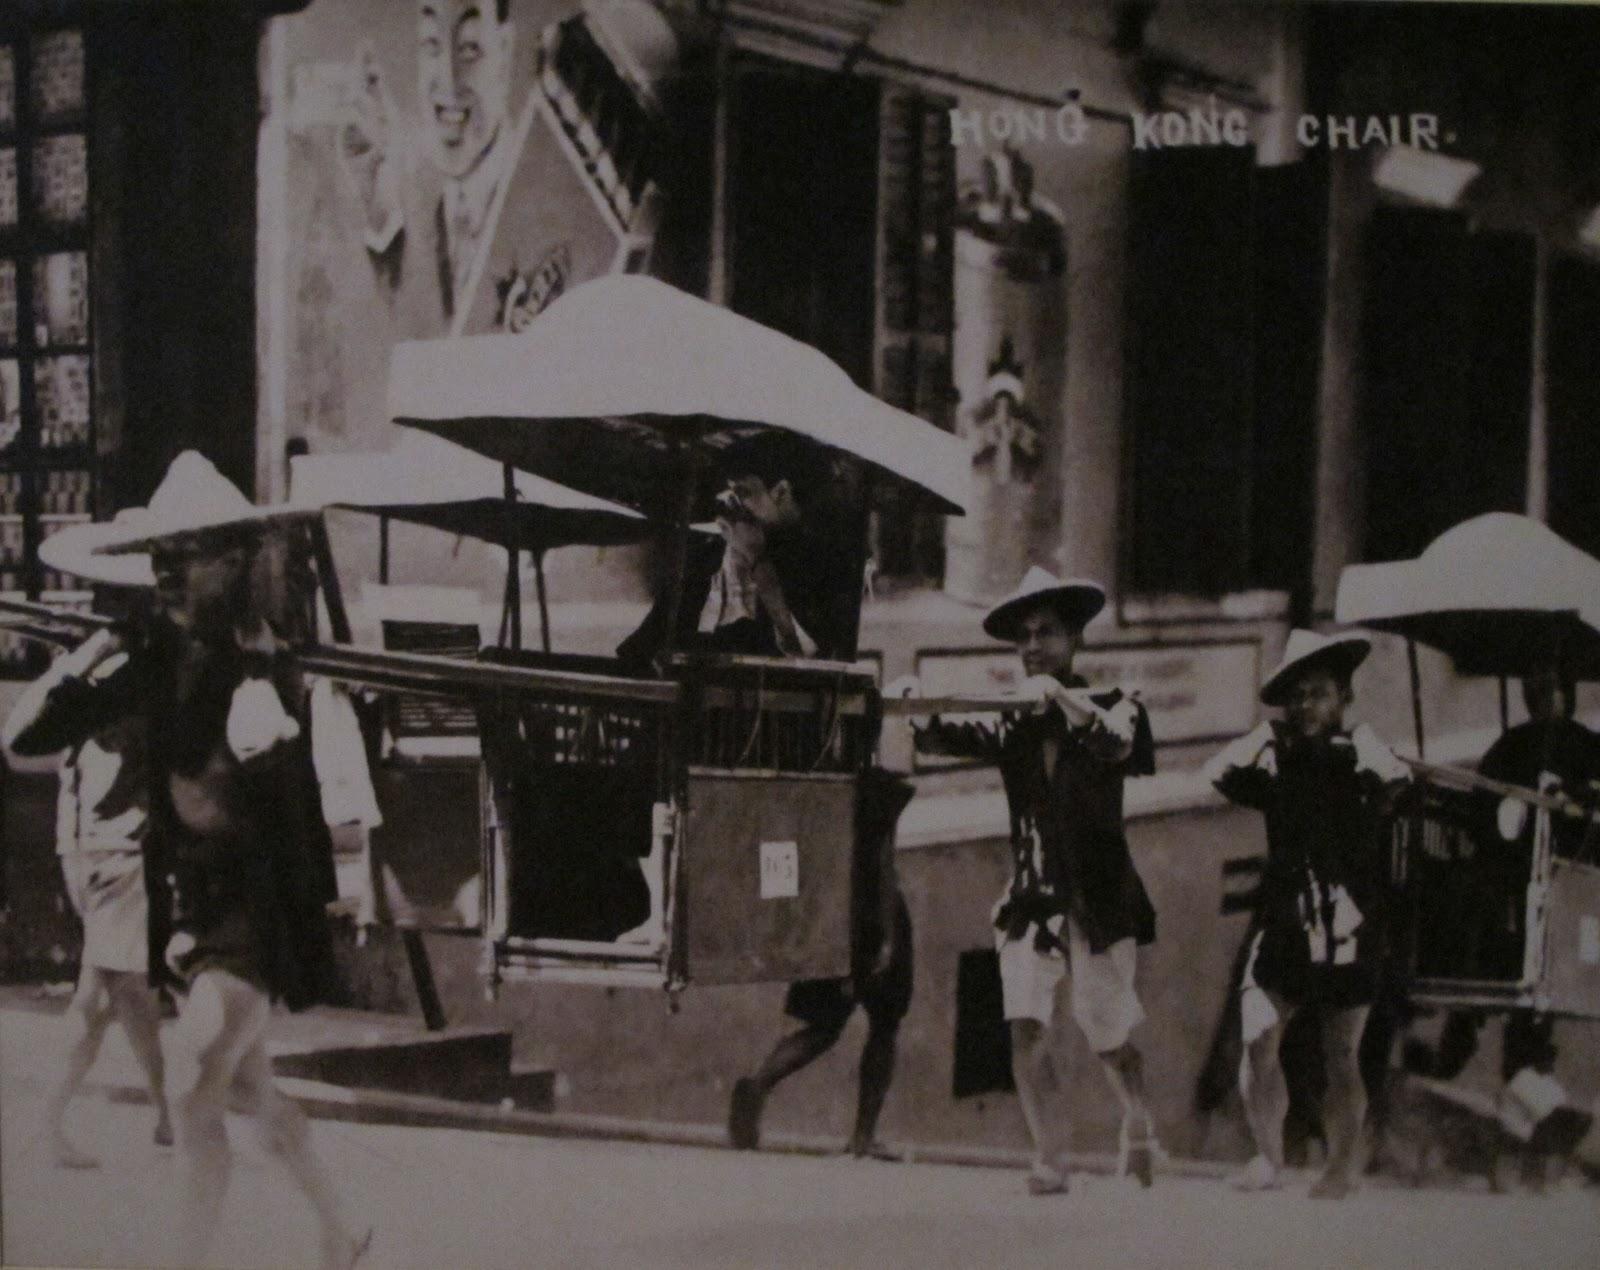 Office Chair Hong Kong Covers Spotlight Nz 被遺忘的公交 The Forgotten Transportation From Sedan To